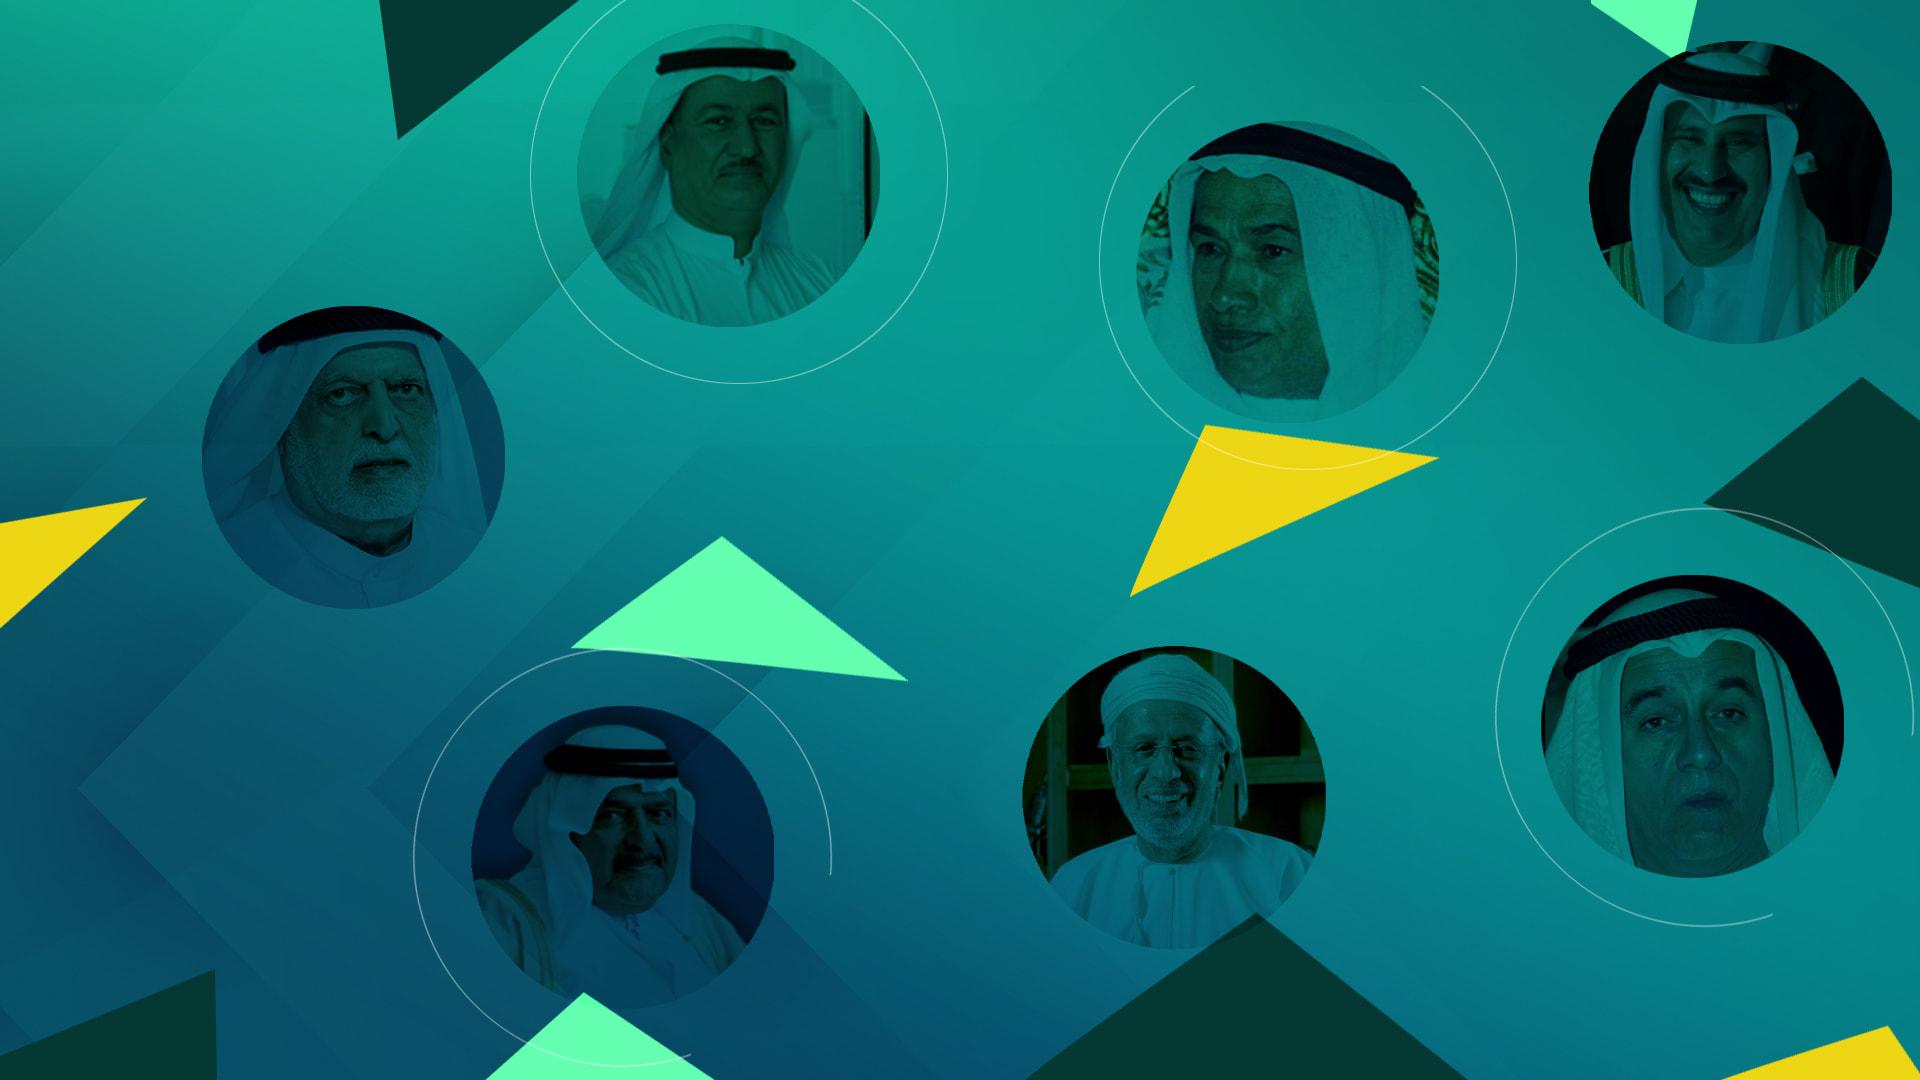 16.4 مليار دولار إجمالي ثروات مليارديرات دول الخليج.. إليكم القائمة